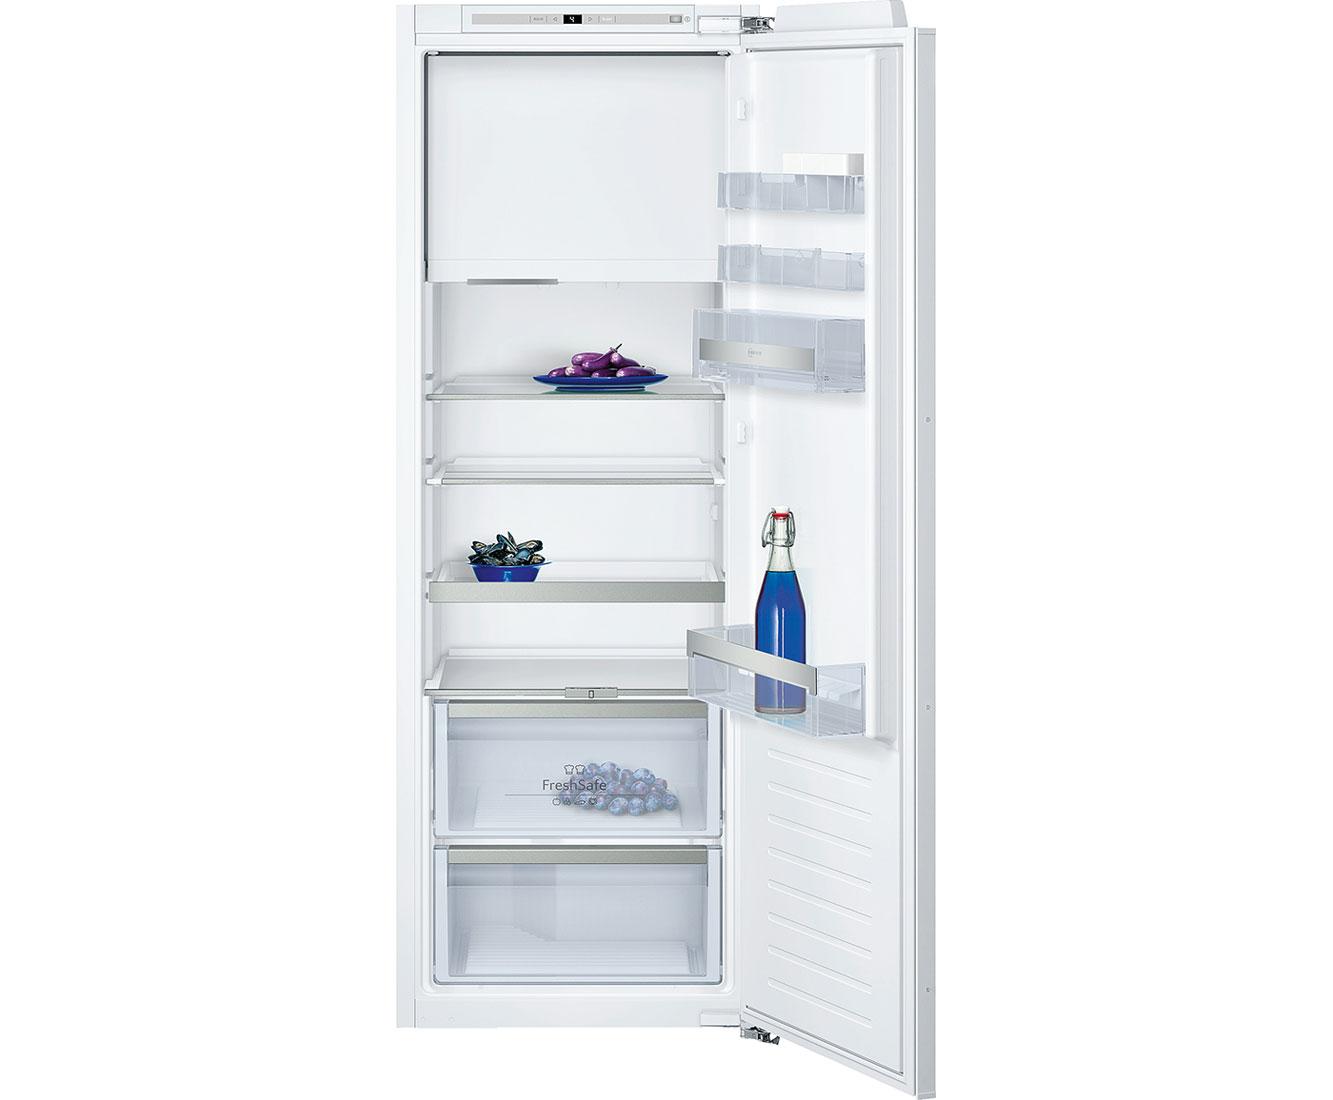 Amica Uks 16147 Kühlschrank A 168 Kwh 785 Mm Hoch Weiß : Amica uks kühlschrank a kwh mm hoch weiß amica uks